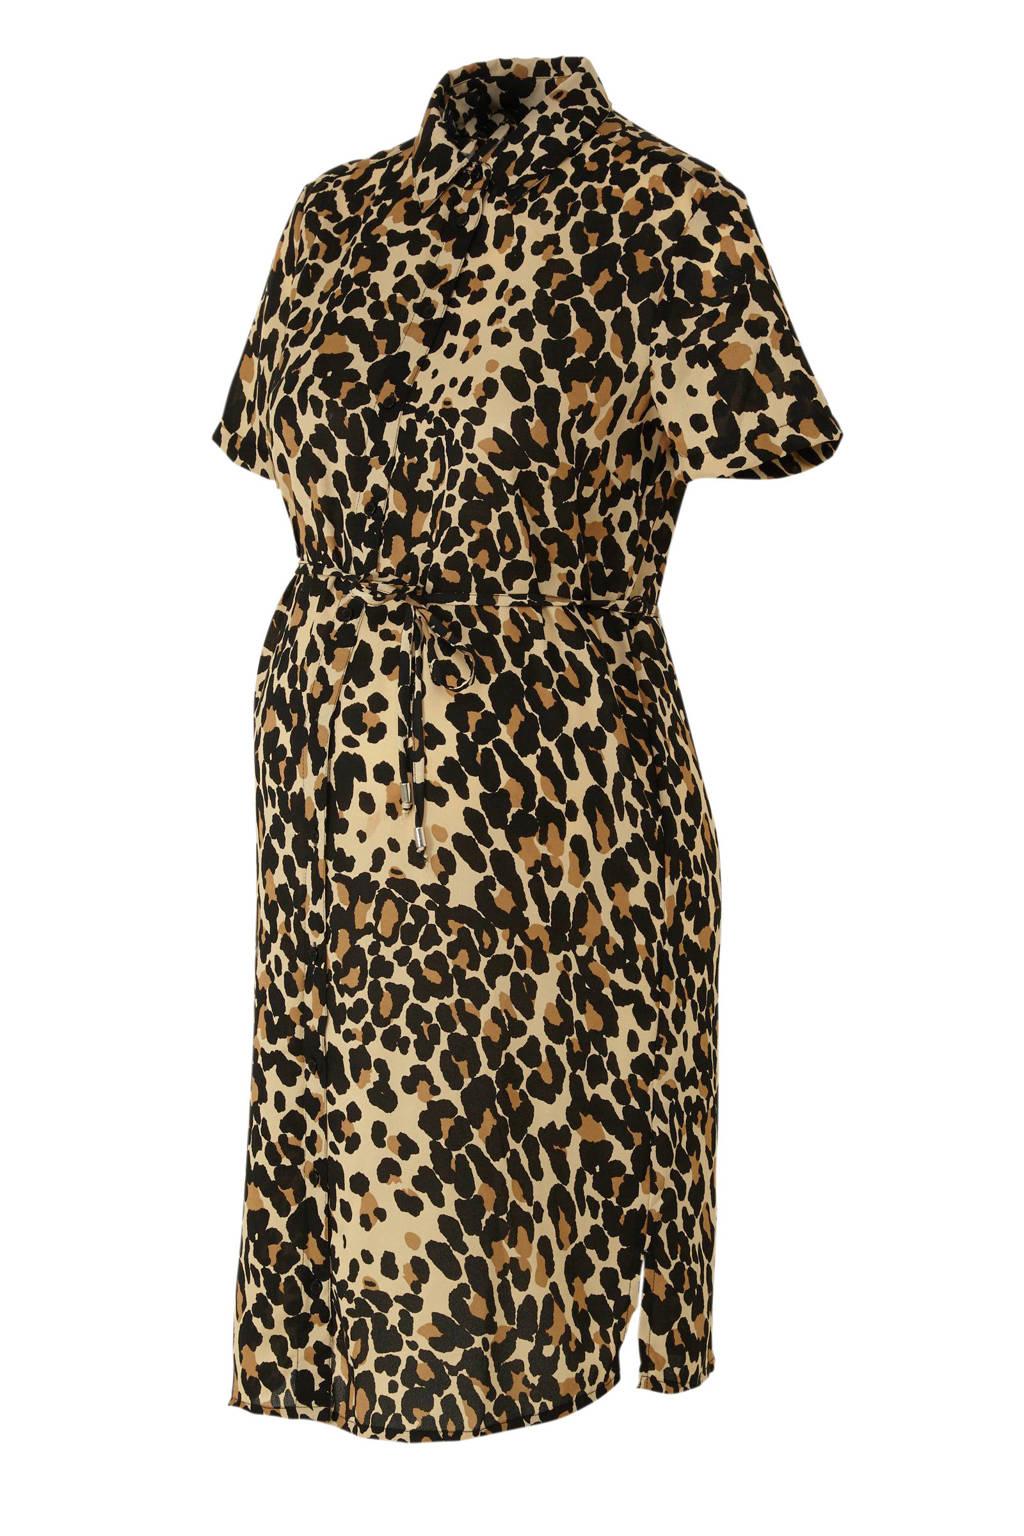 wehkamp zwangerschaps-blousejurk met panterprint, Camel/zwart